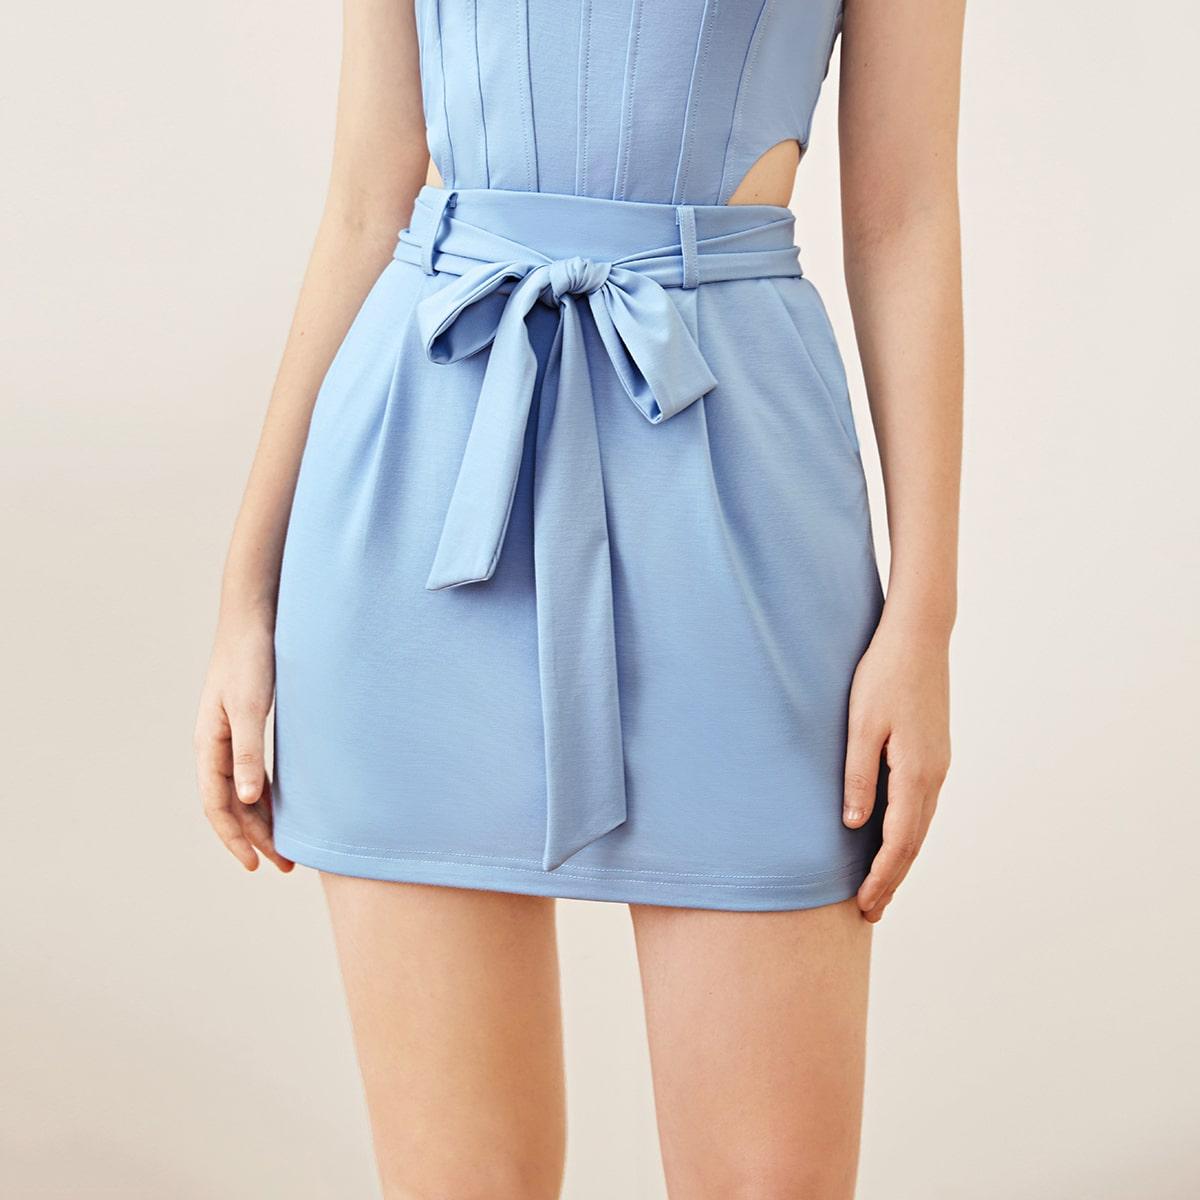 Однотонная юбка мини с поясом фото